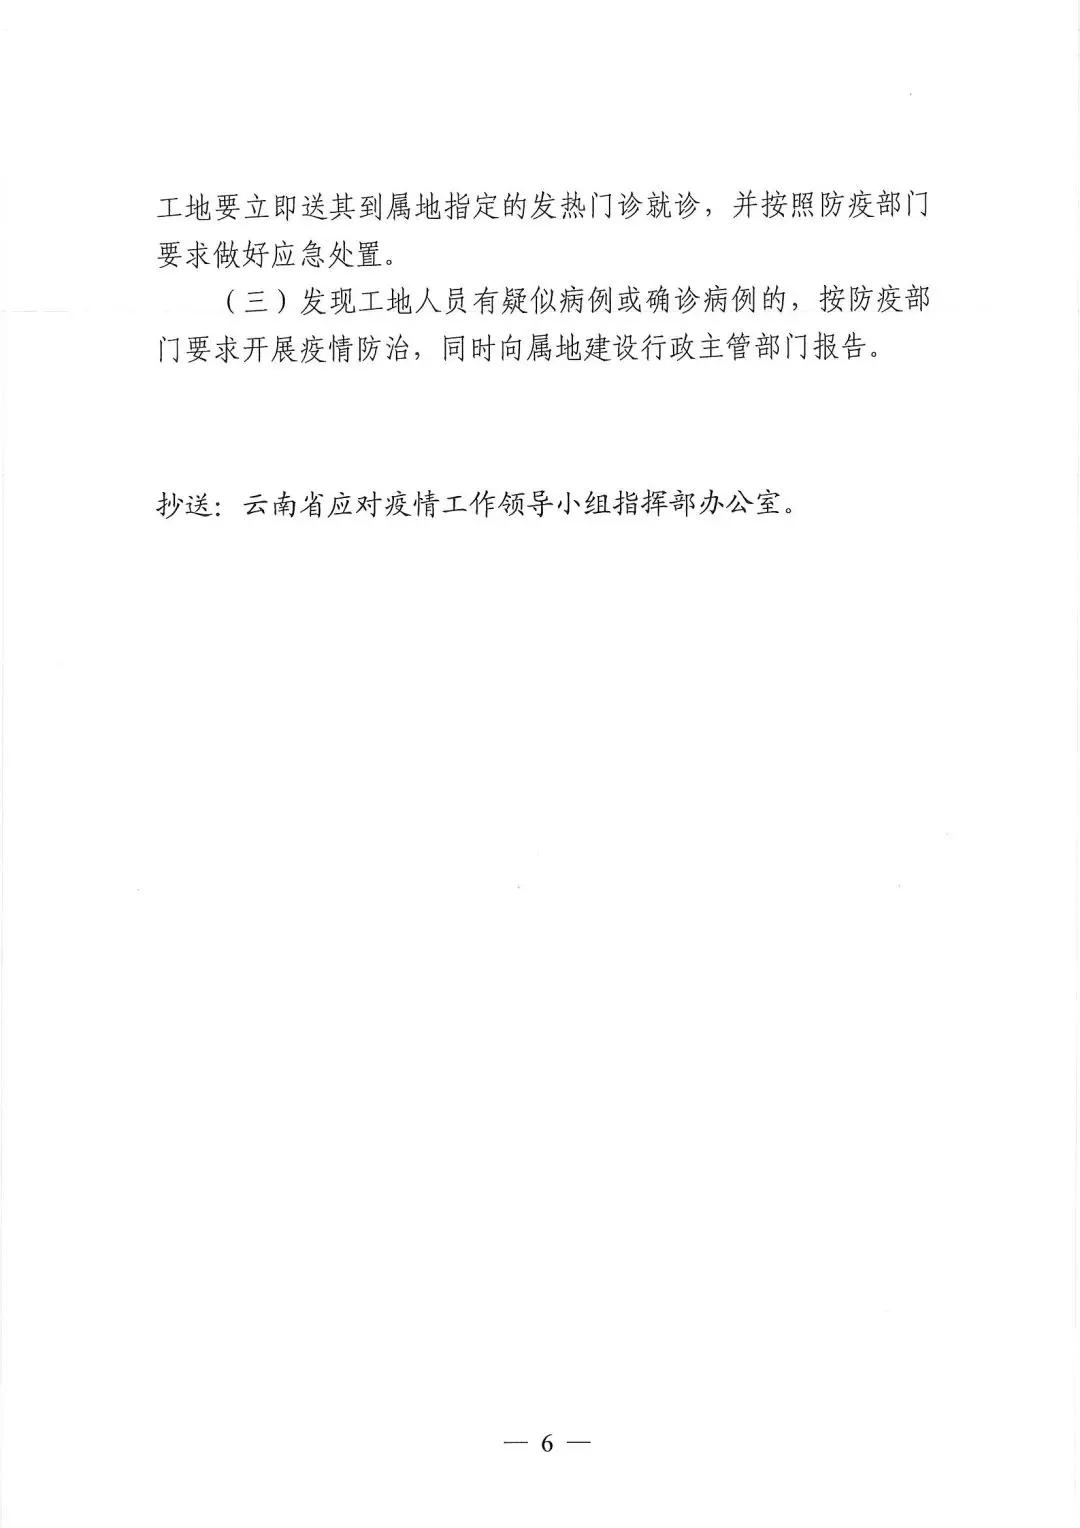 新建文件夹-3-微信图片_20200206174714